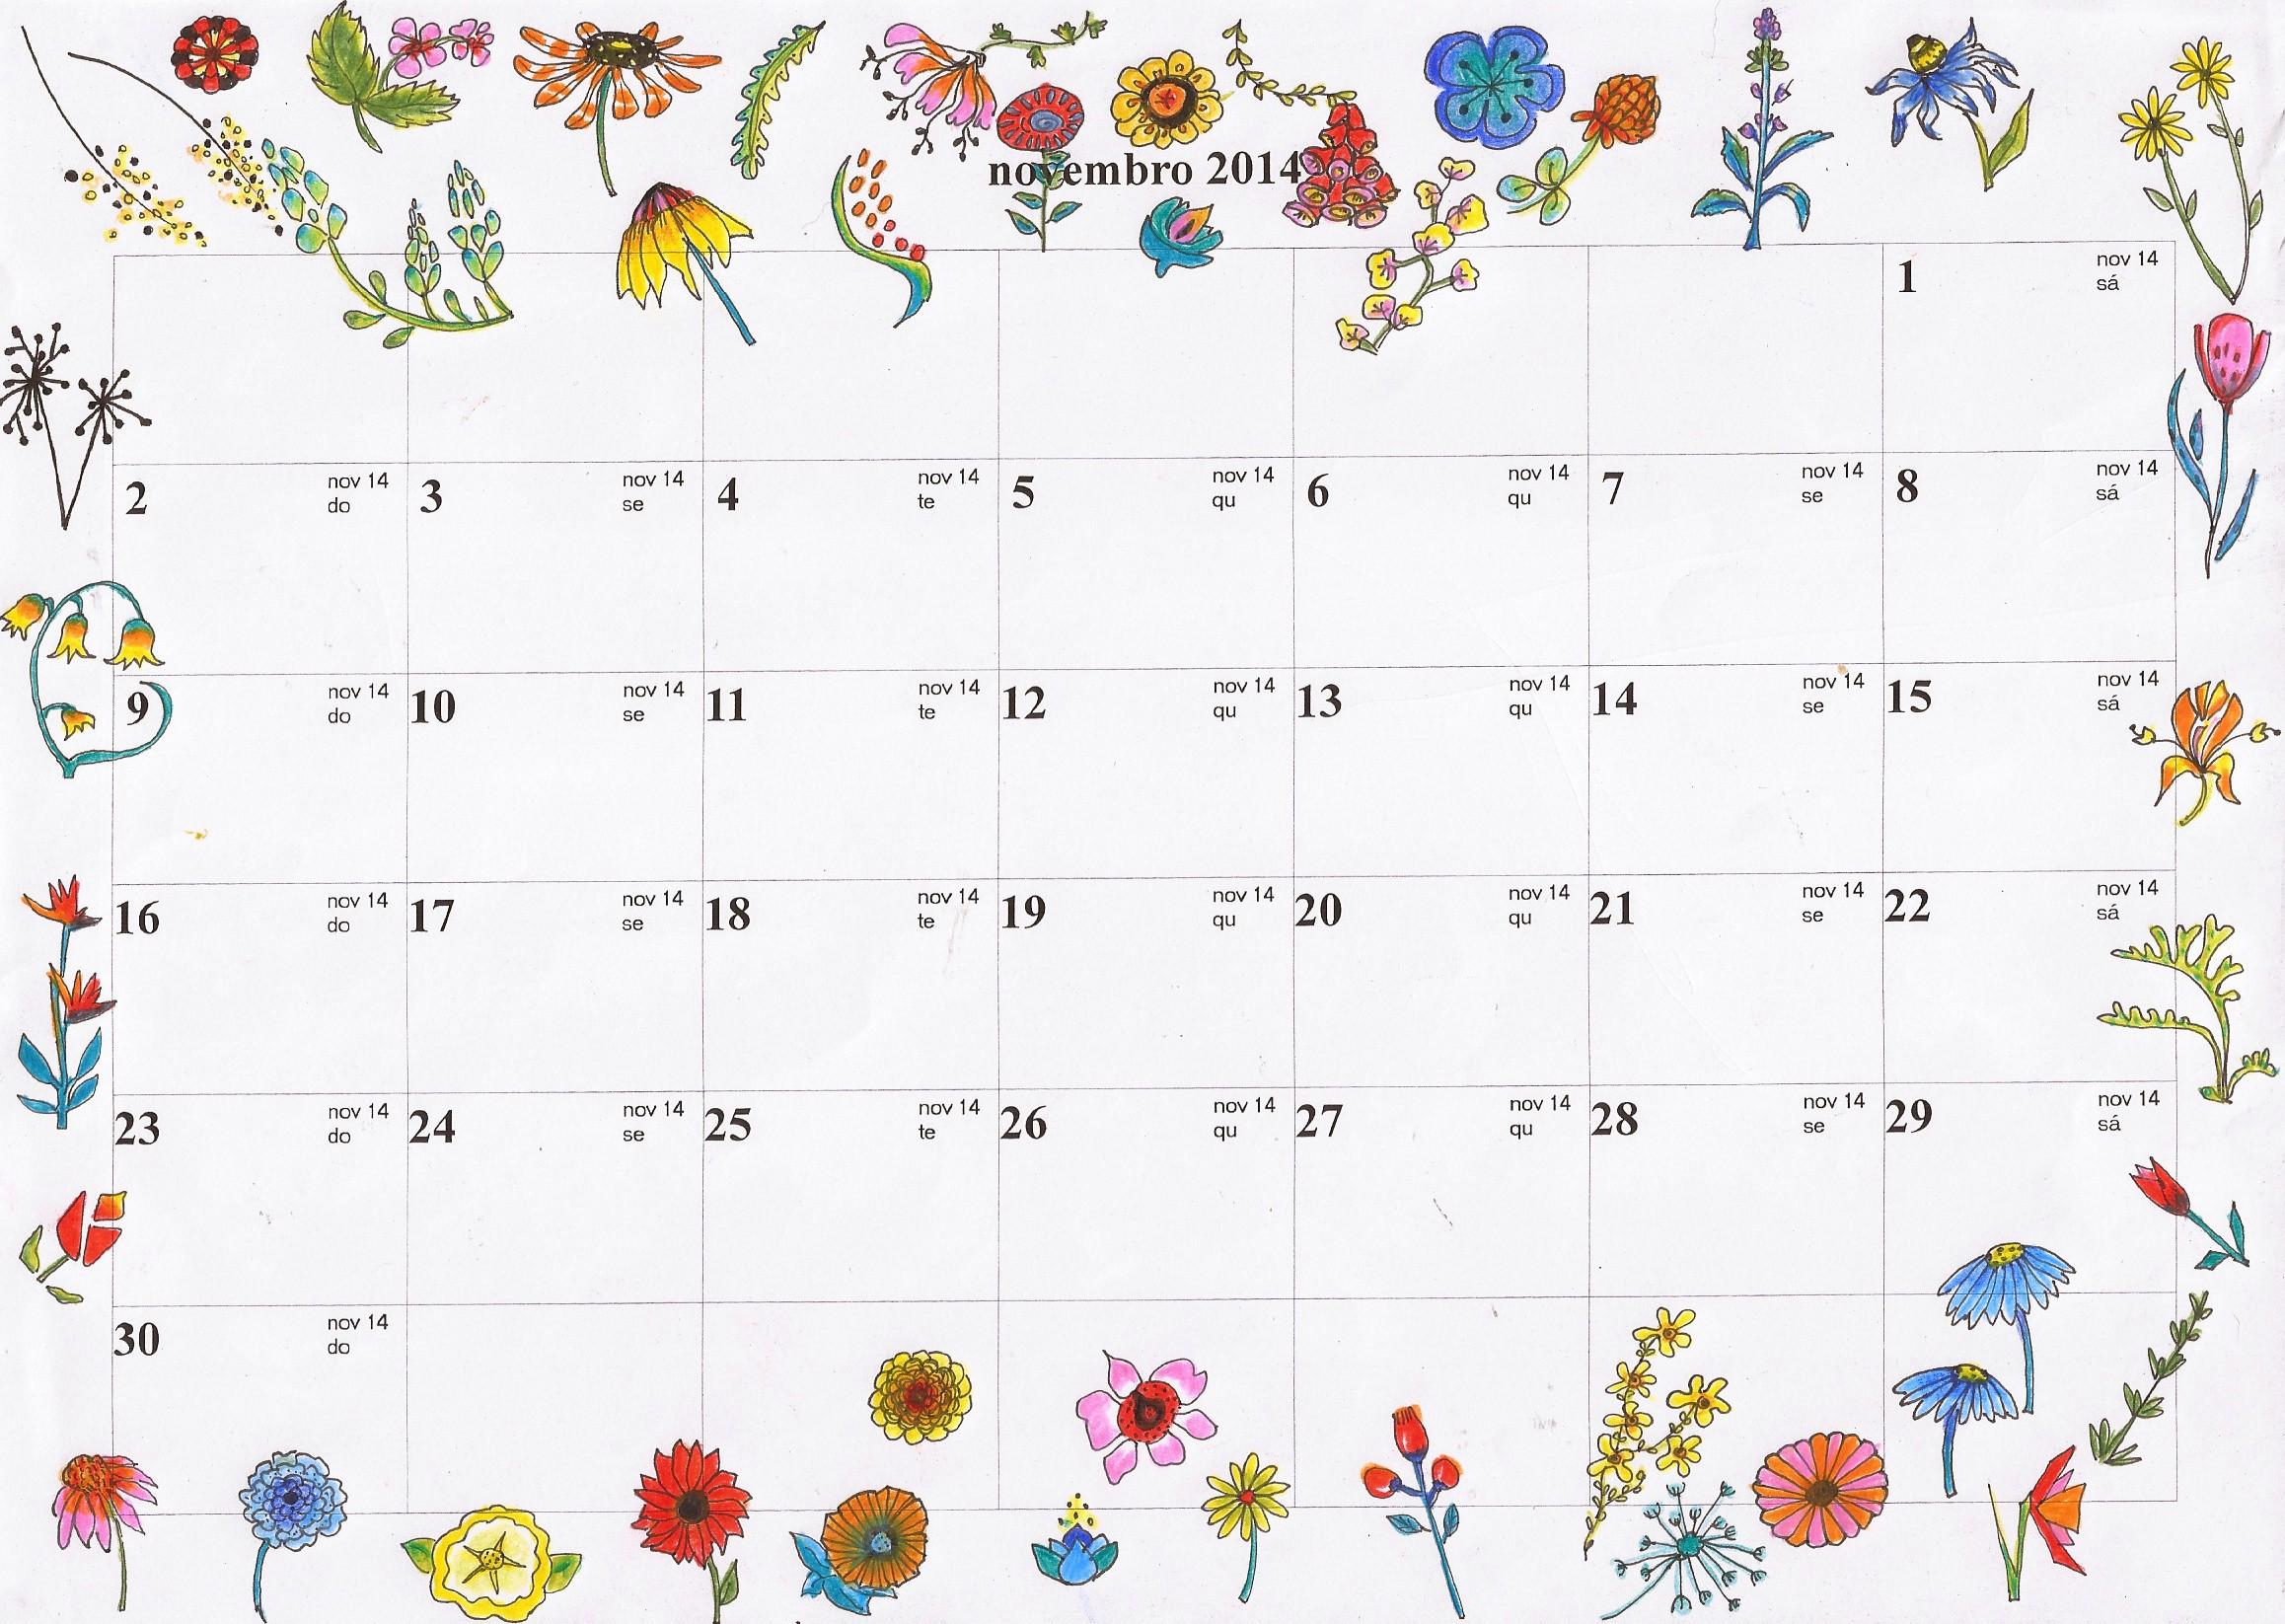 Calendário 2019 Portugal Excel Mejores Y Más Novedosos Calendario Novembro 2018 Imprimir T Of Calendário 2019 Portugal Excel Más Recientes Calendario Novembro 2018 Imprimir T